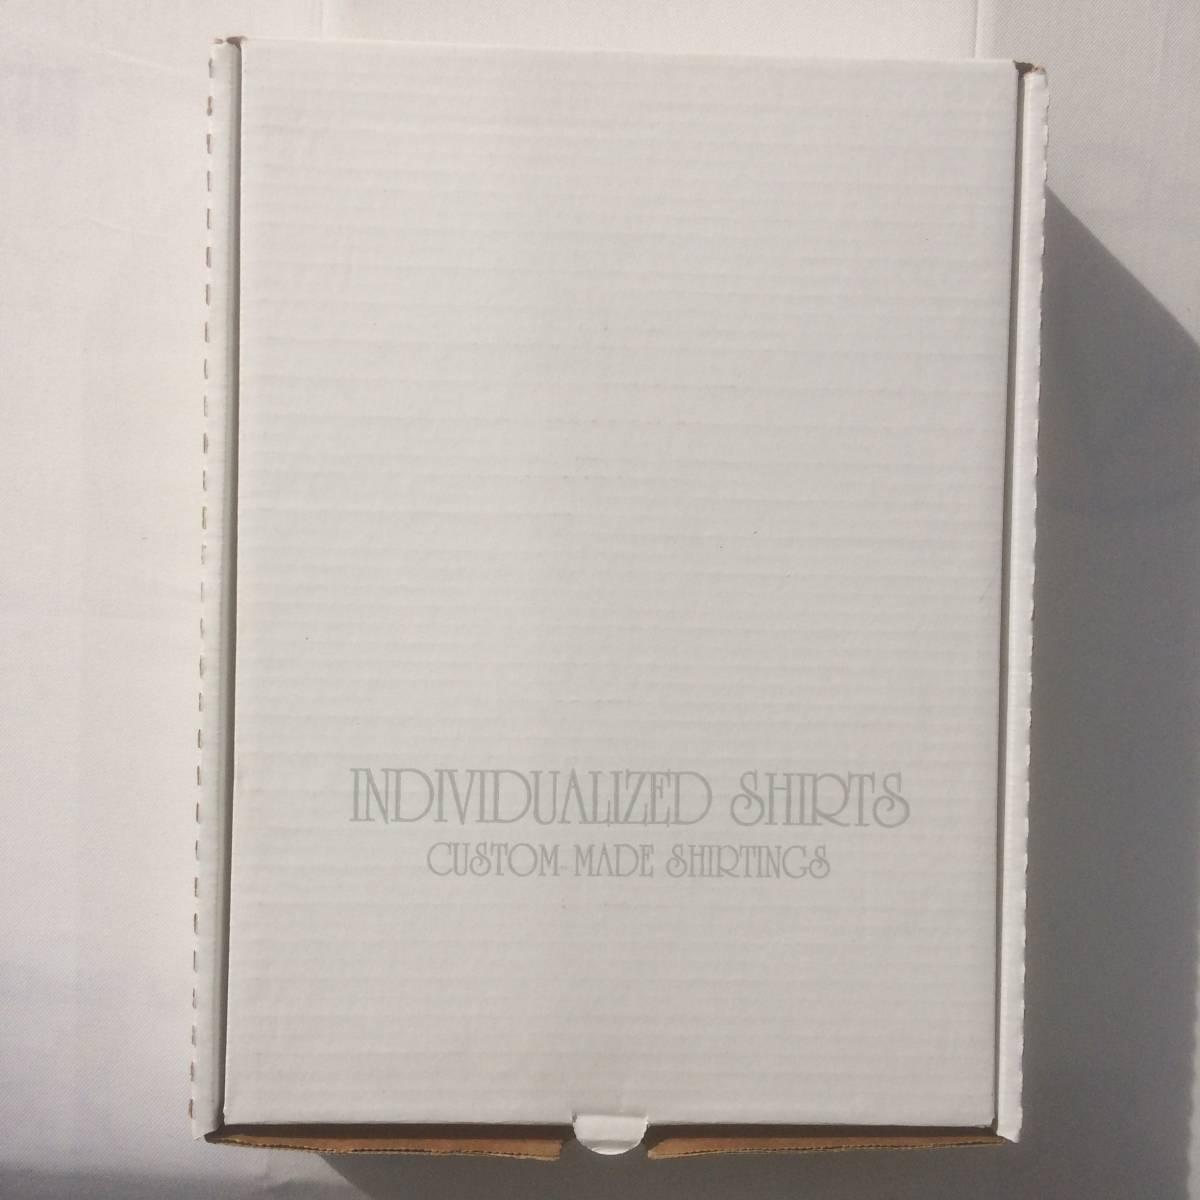 INDIVIDUALIZED SHIRTS インディビジュアライズドシャツ ダンリバー オックスフォード BD 白 ホワイト 長袖 シャツ xxs 13.5 usa製_画像2